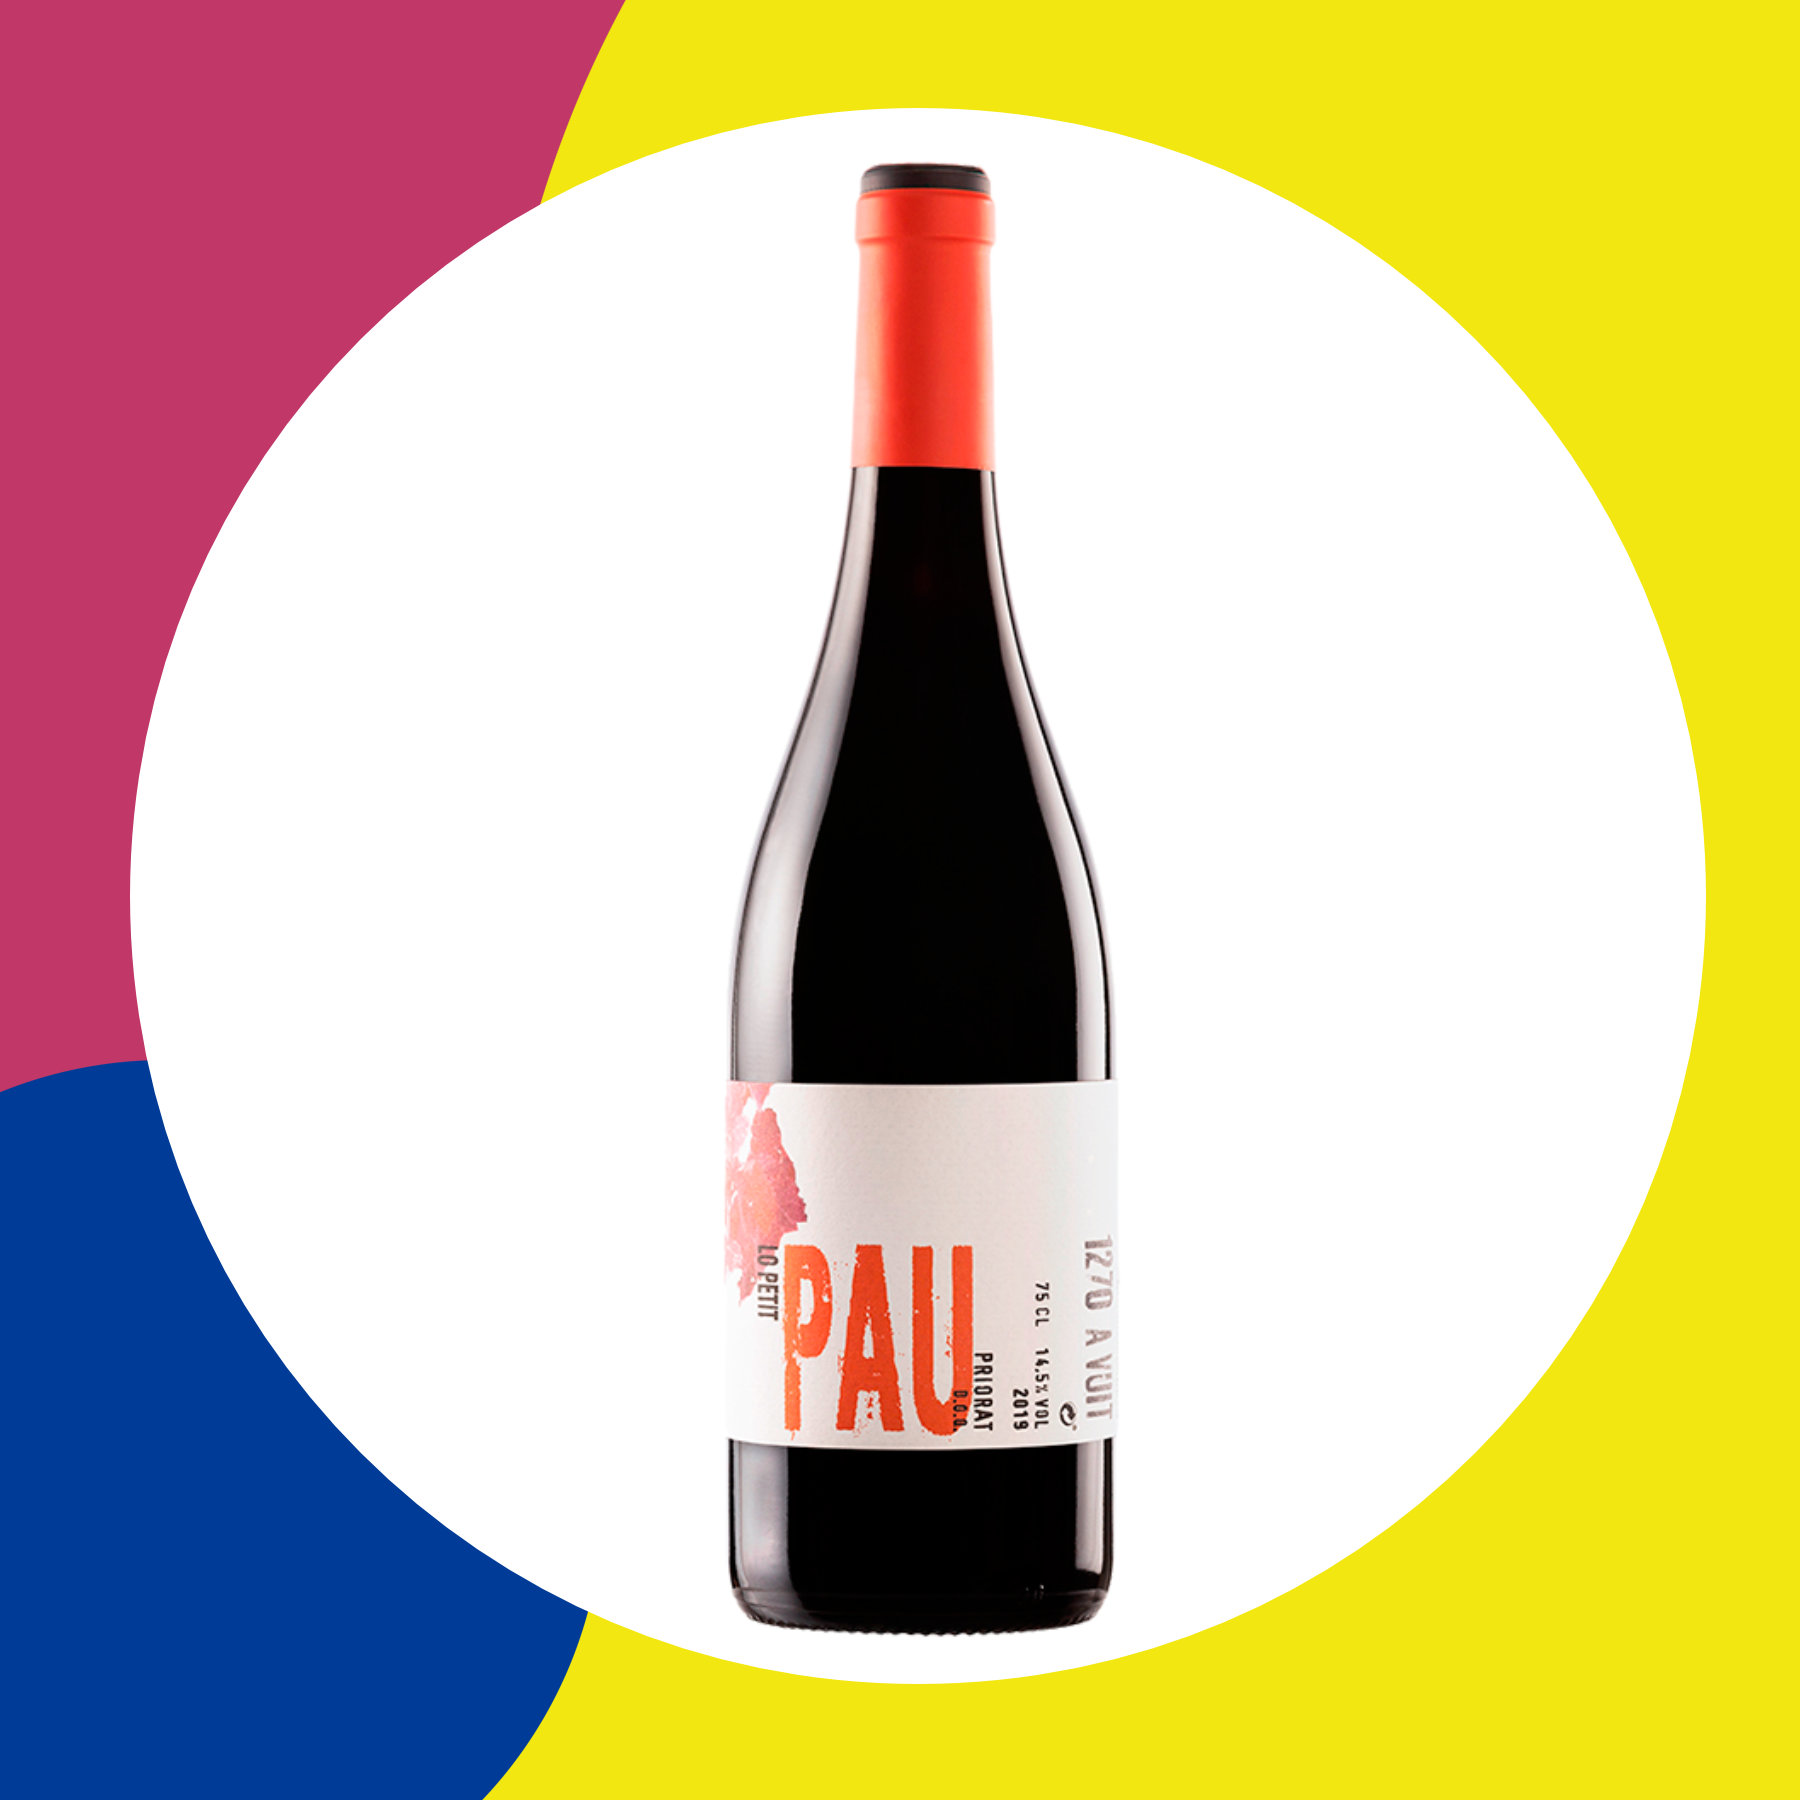 Priorat Lo Petit PAU rouge 2019